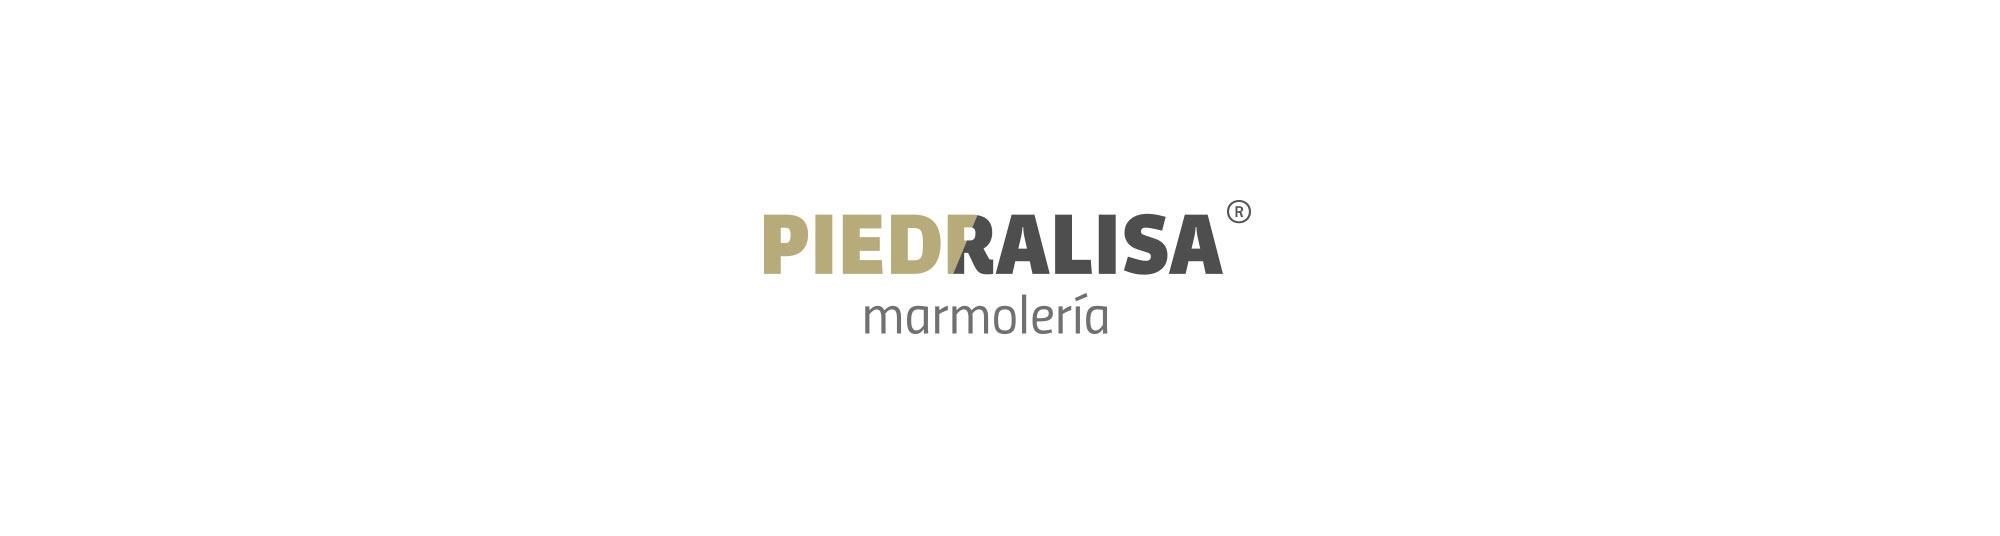 Diseño del logotipo para Piedralisa, una marmolería de la provincia de A Coruña